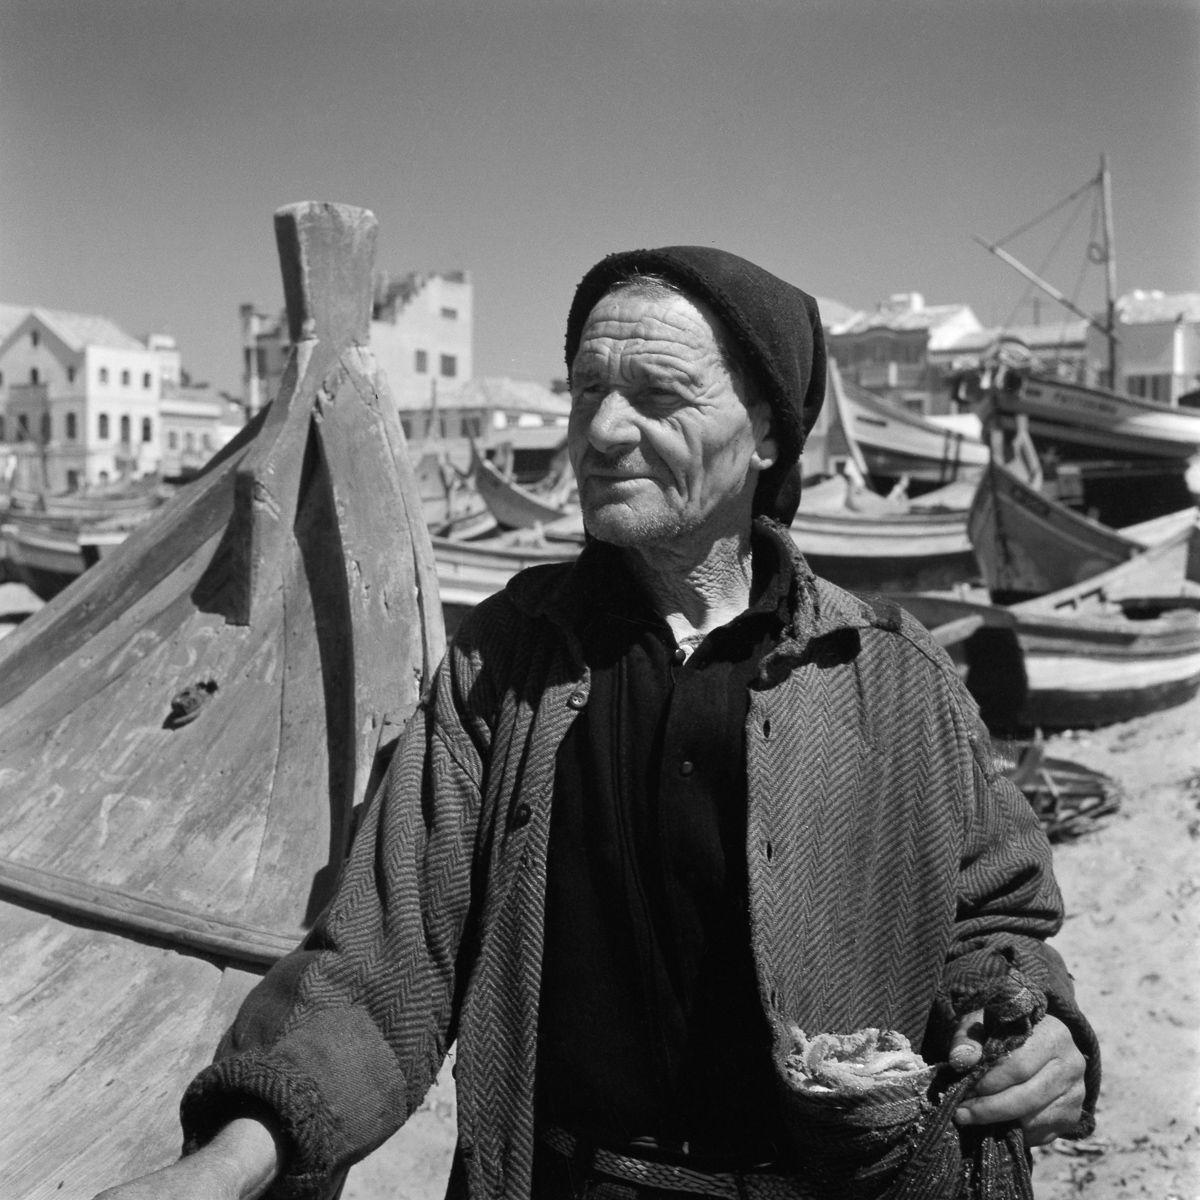 Fotografias deslumbrantes capturam a cultura da pesca dos anos 50 em Portugal 16